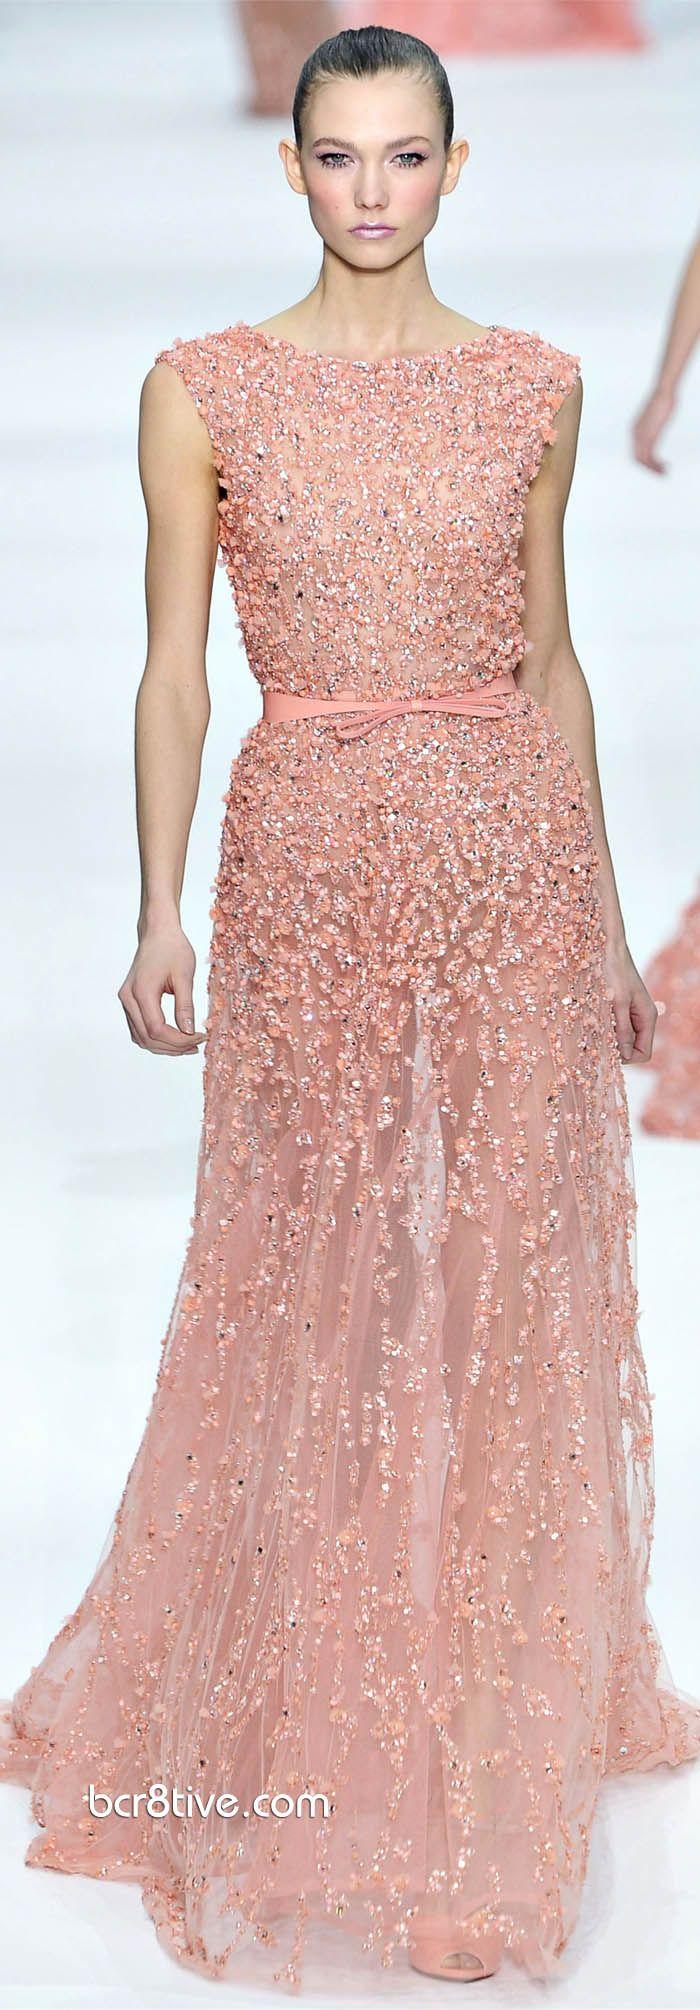 Elie Saab Spring Summer 2012 Haute Couture | Vestiditos, Alta ...